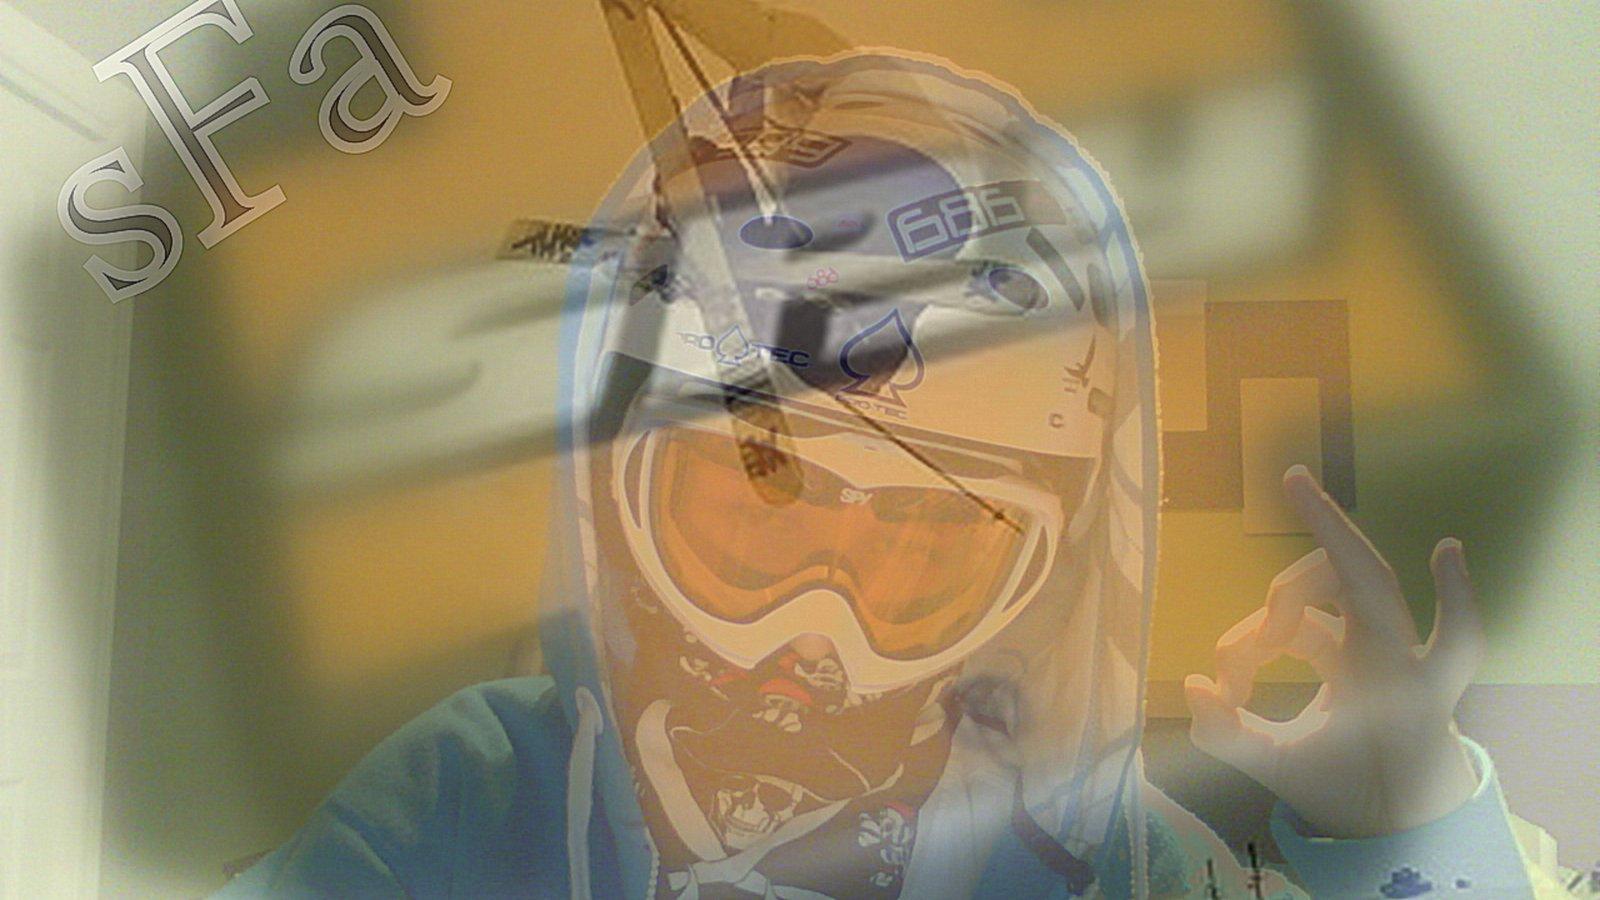 Sam the Rider - 2 of 2